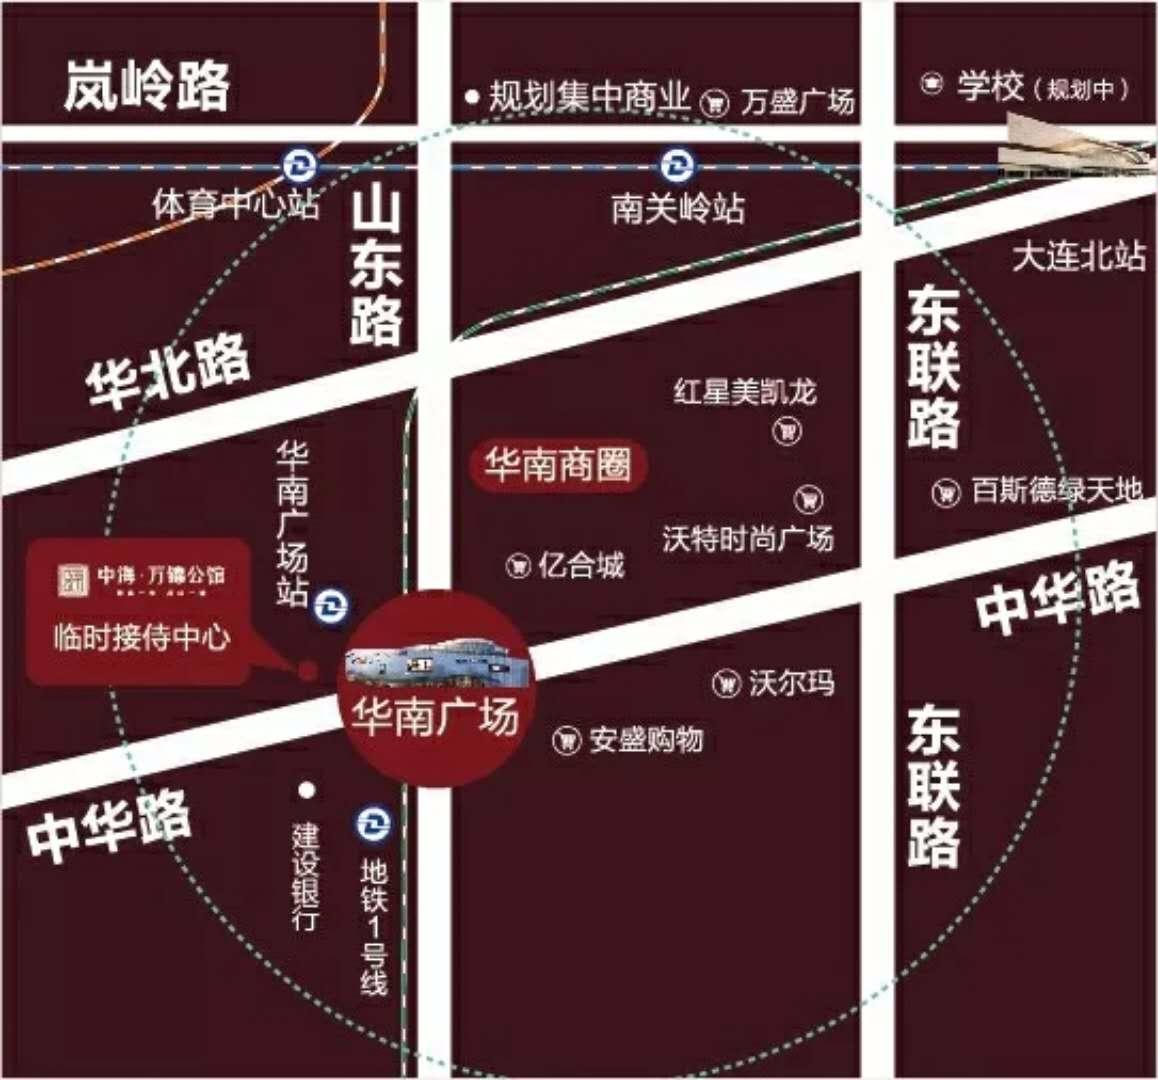 中海万锦公馆2月10日 华南临时售楼处开放